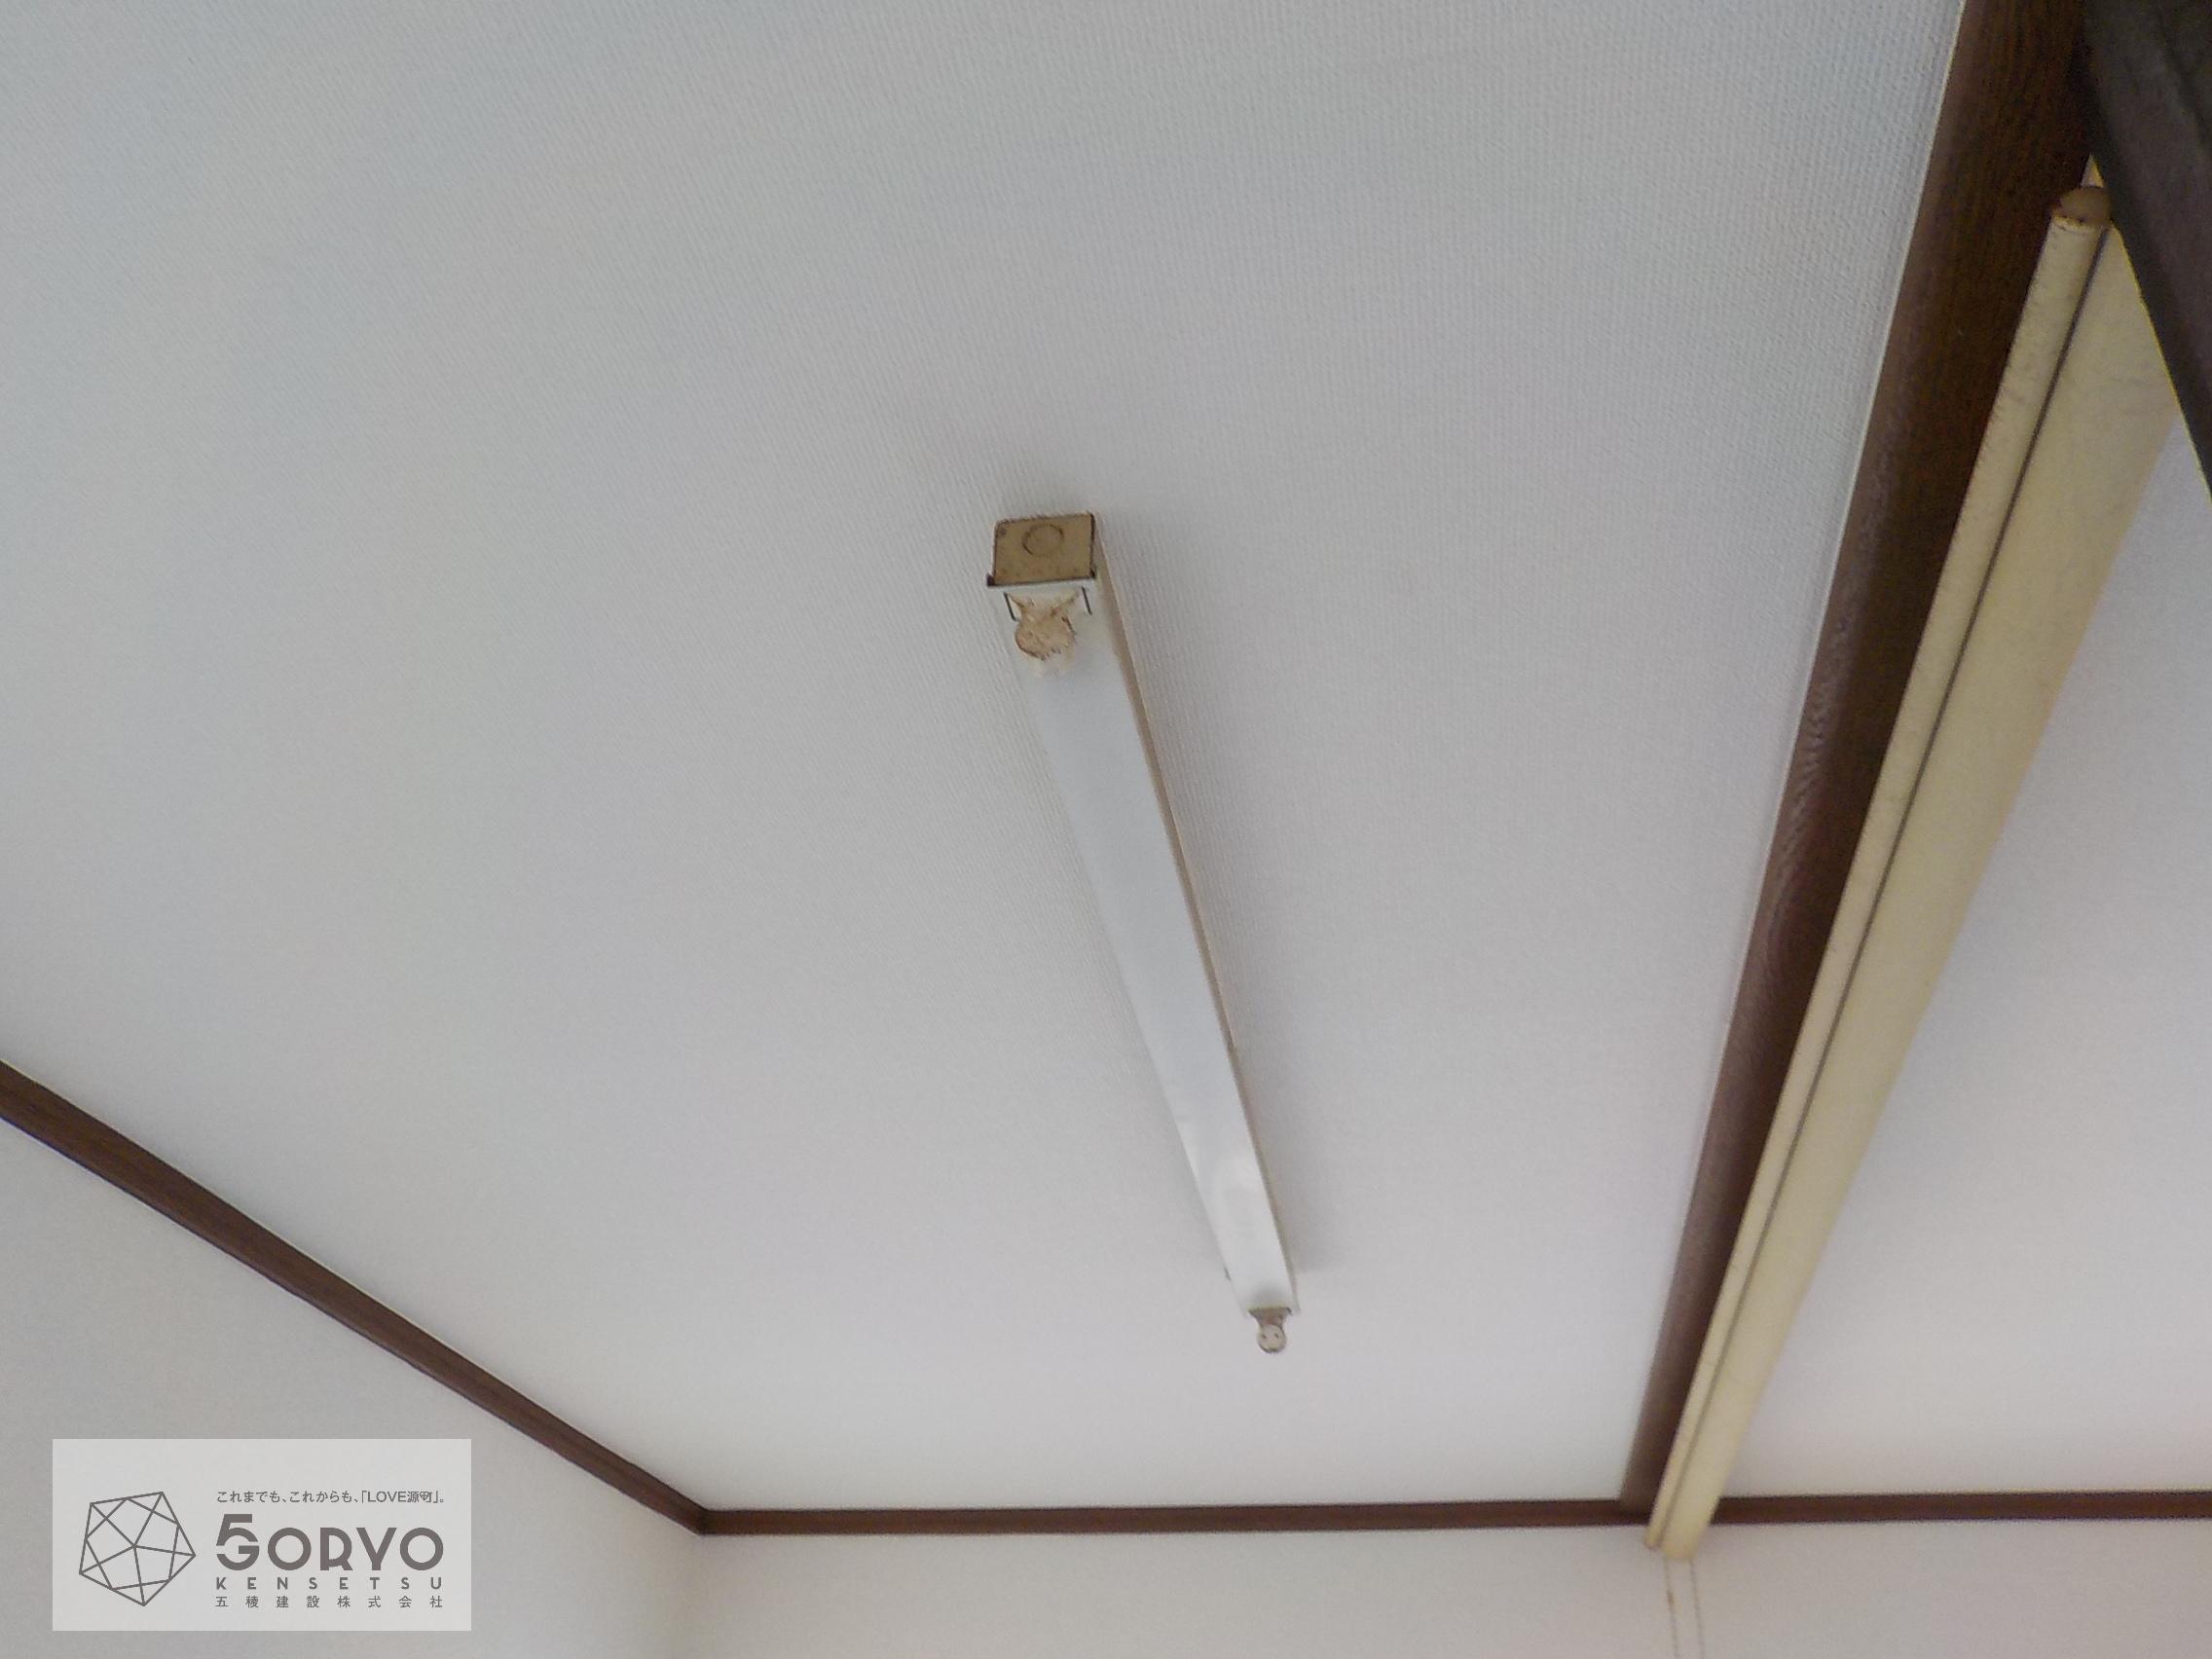 千葉市若葉区 T社従業員宿舎内装クロス交換リフォーム工事:施工後